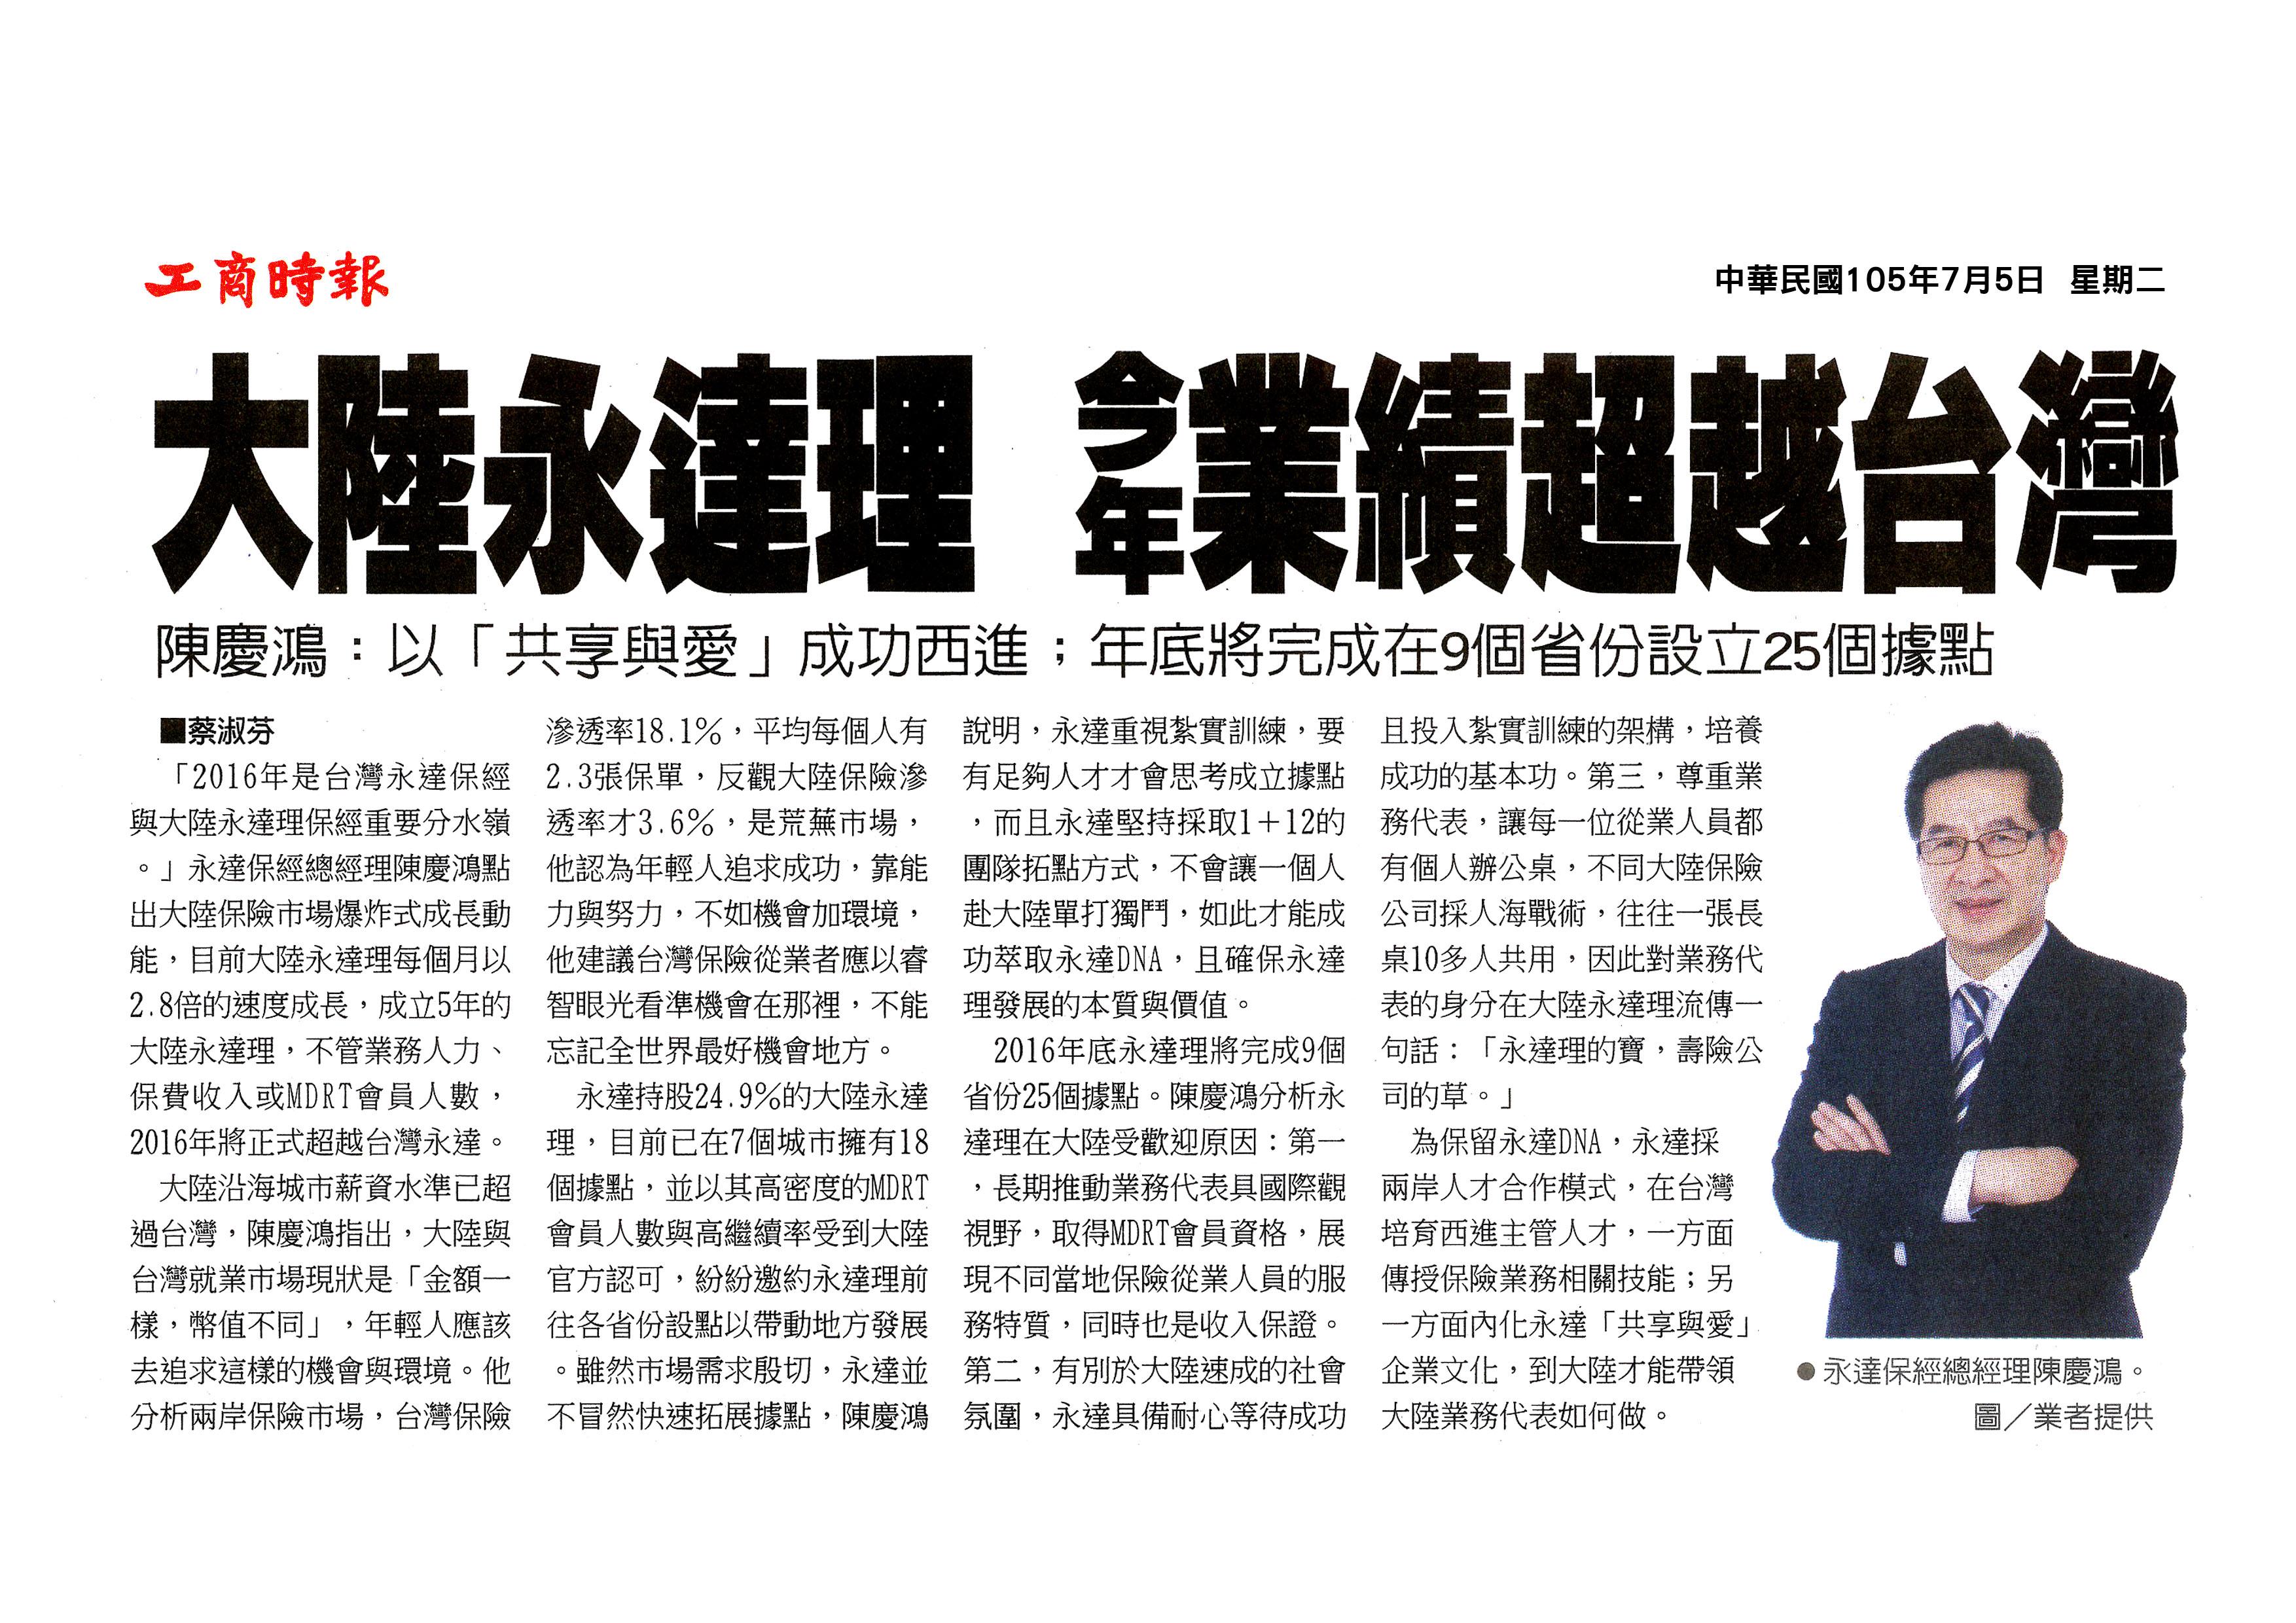 大陸永達理今年業績超越台灣 報導圖檔